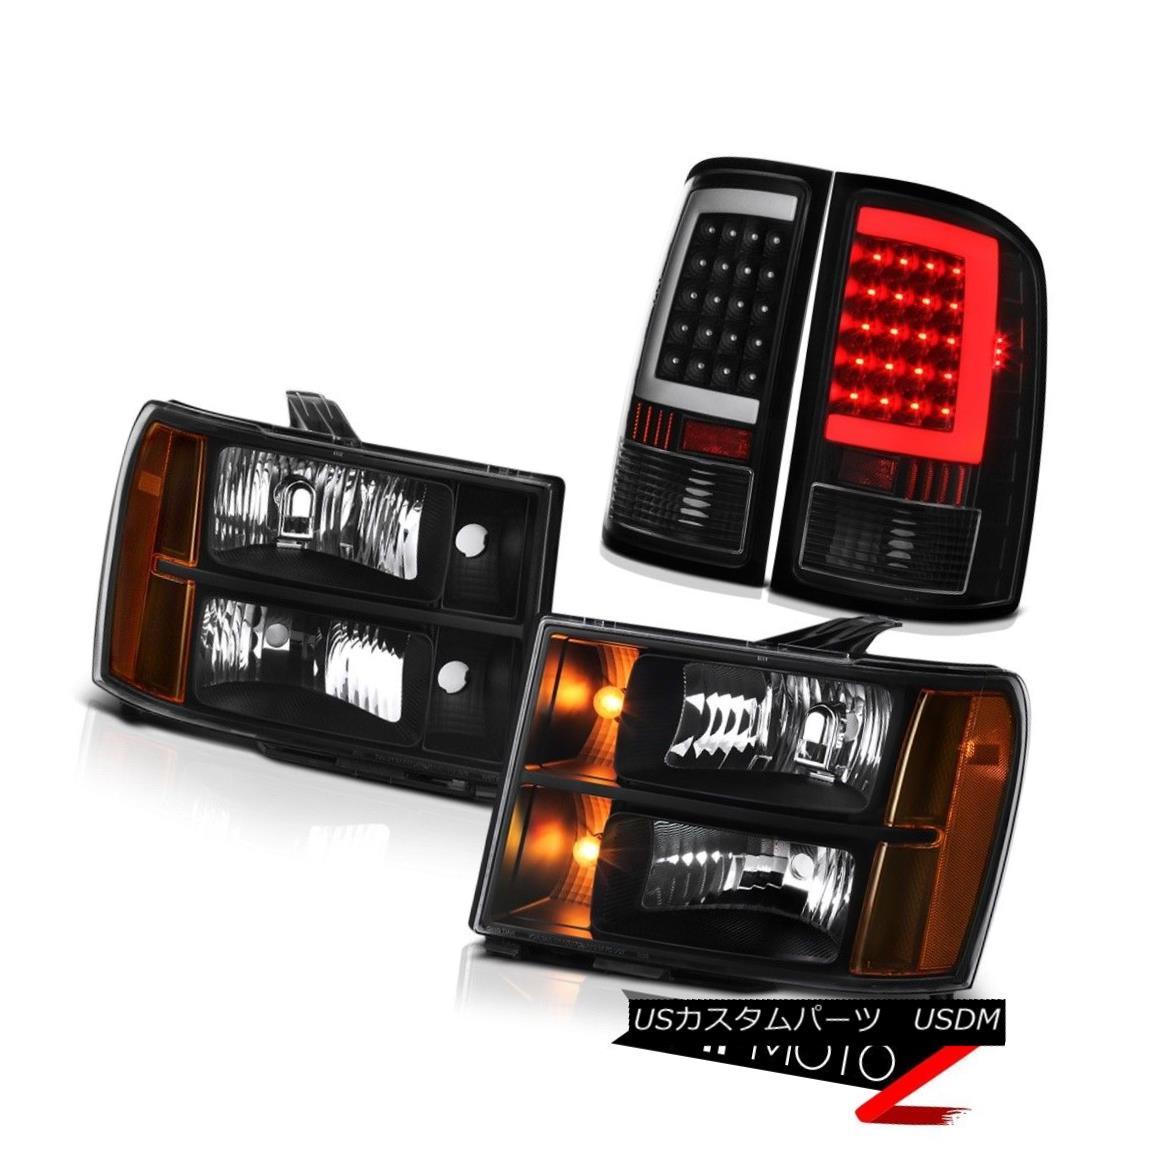 テールライト 08-14 Gmc Sierra 2500 SL Taillights Headlights Neon Tube OE Style